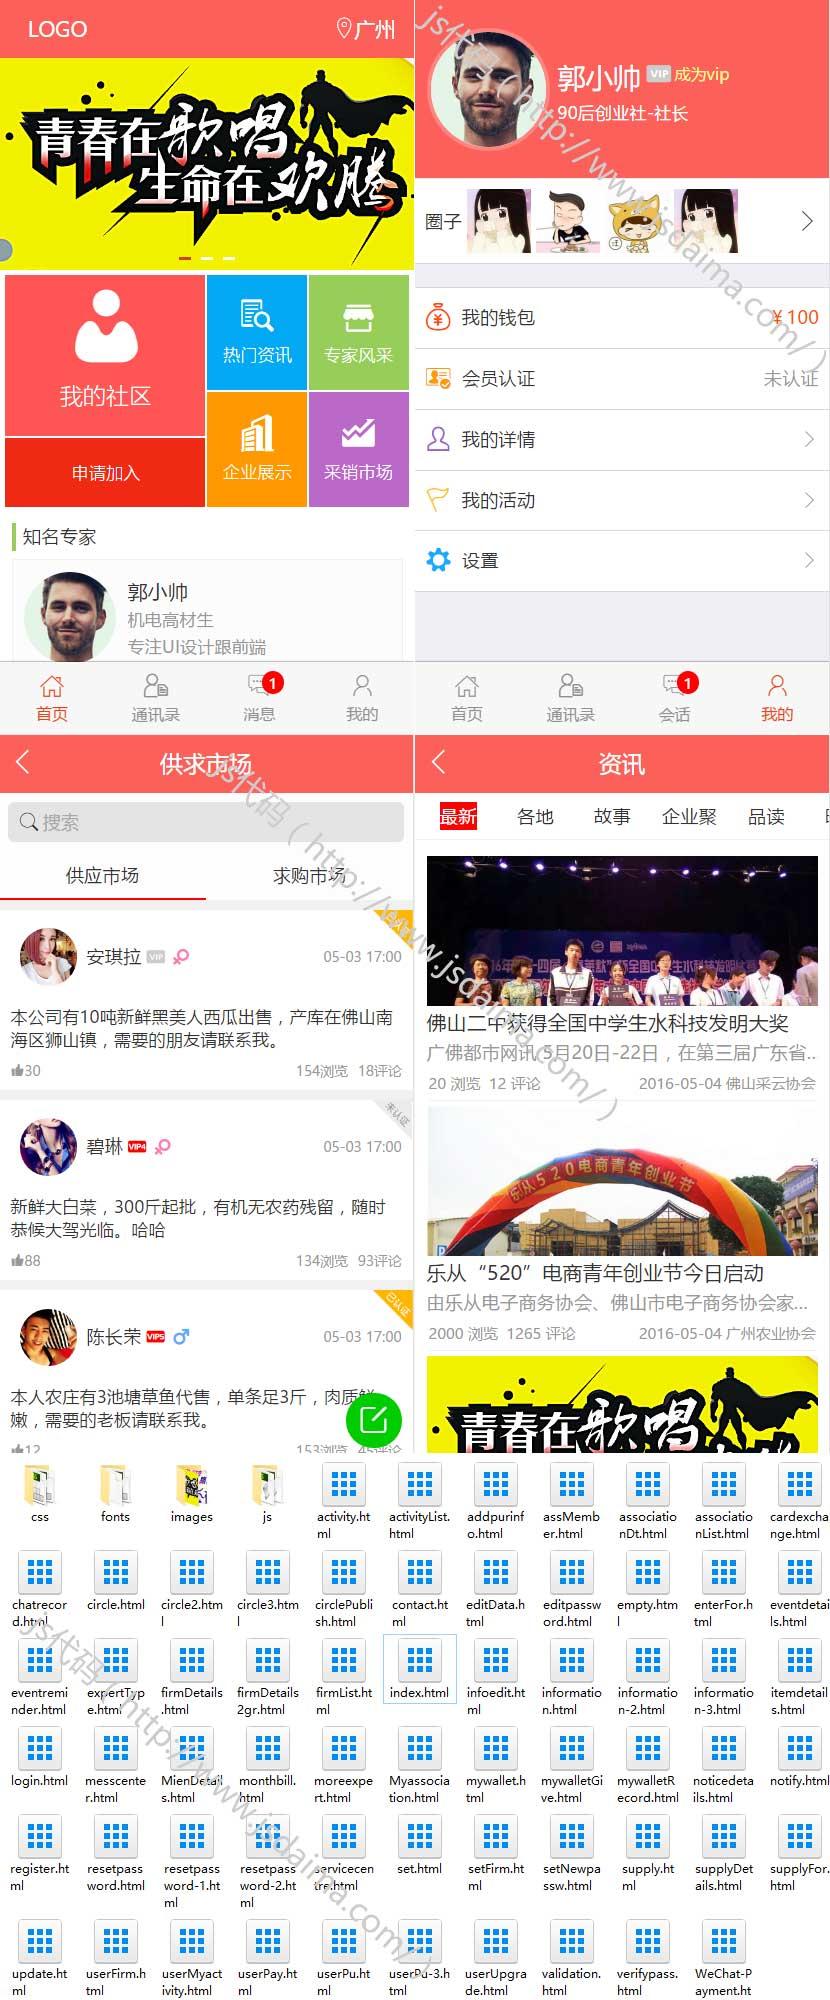 大型手机微信版在线交流资讯社区网站模板整站下载